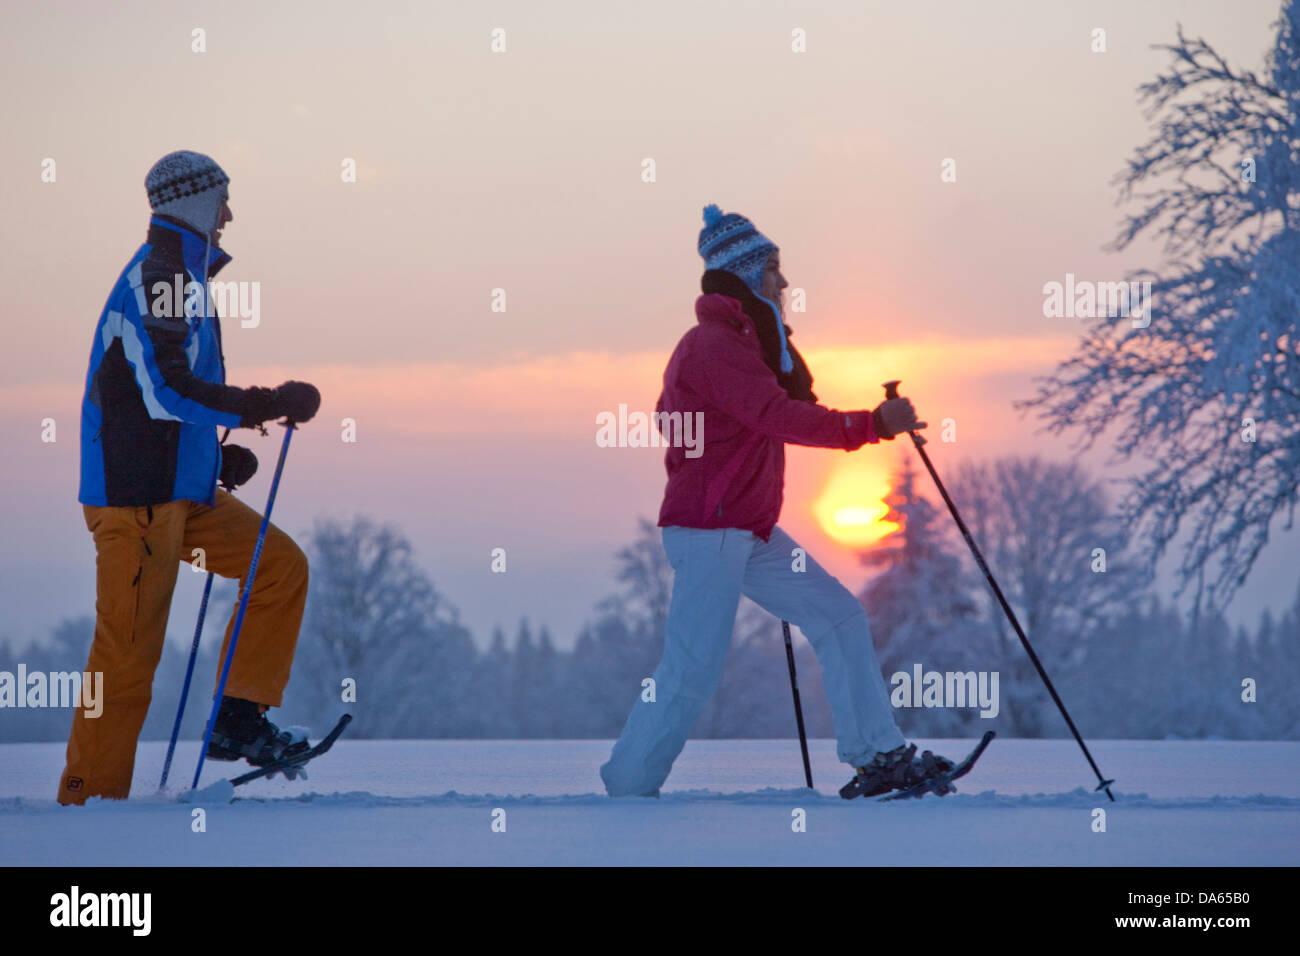 La Chaux de Breuleux, raquette, raquettes, balades, randonnées, Jura, canton, JU, chaussures de neige, neige, Photo Stock